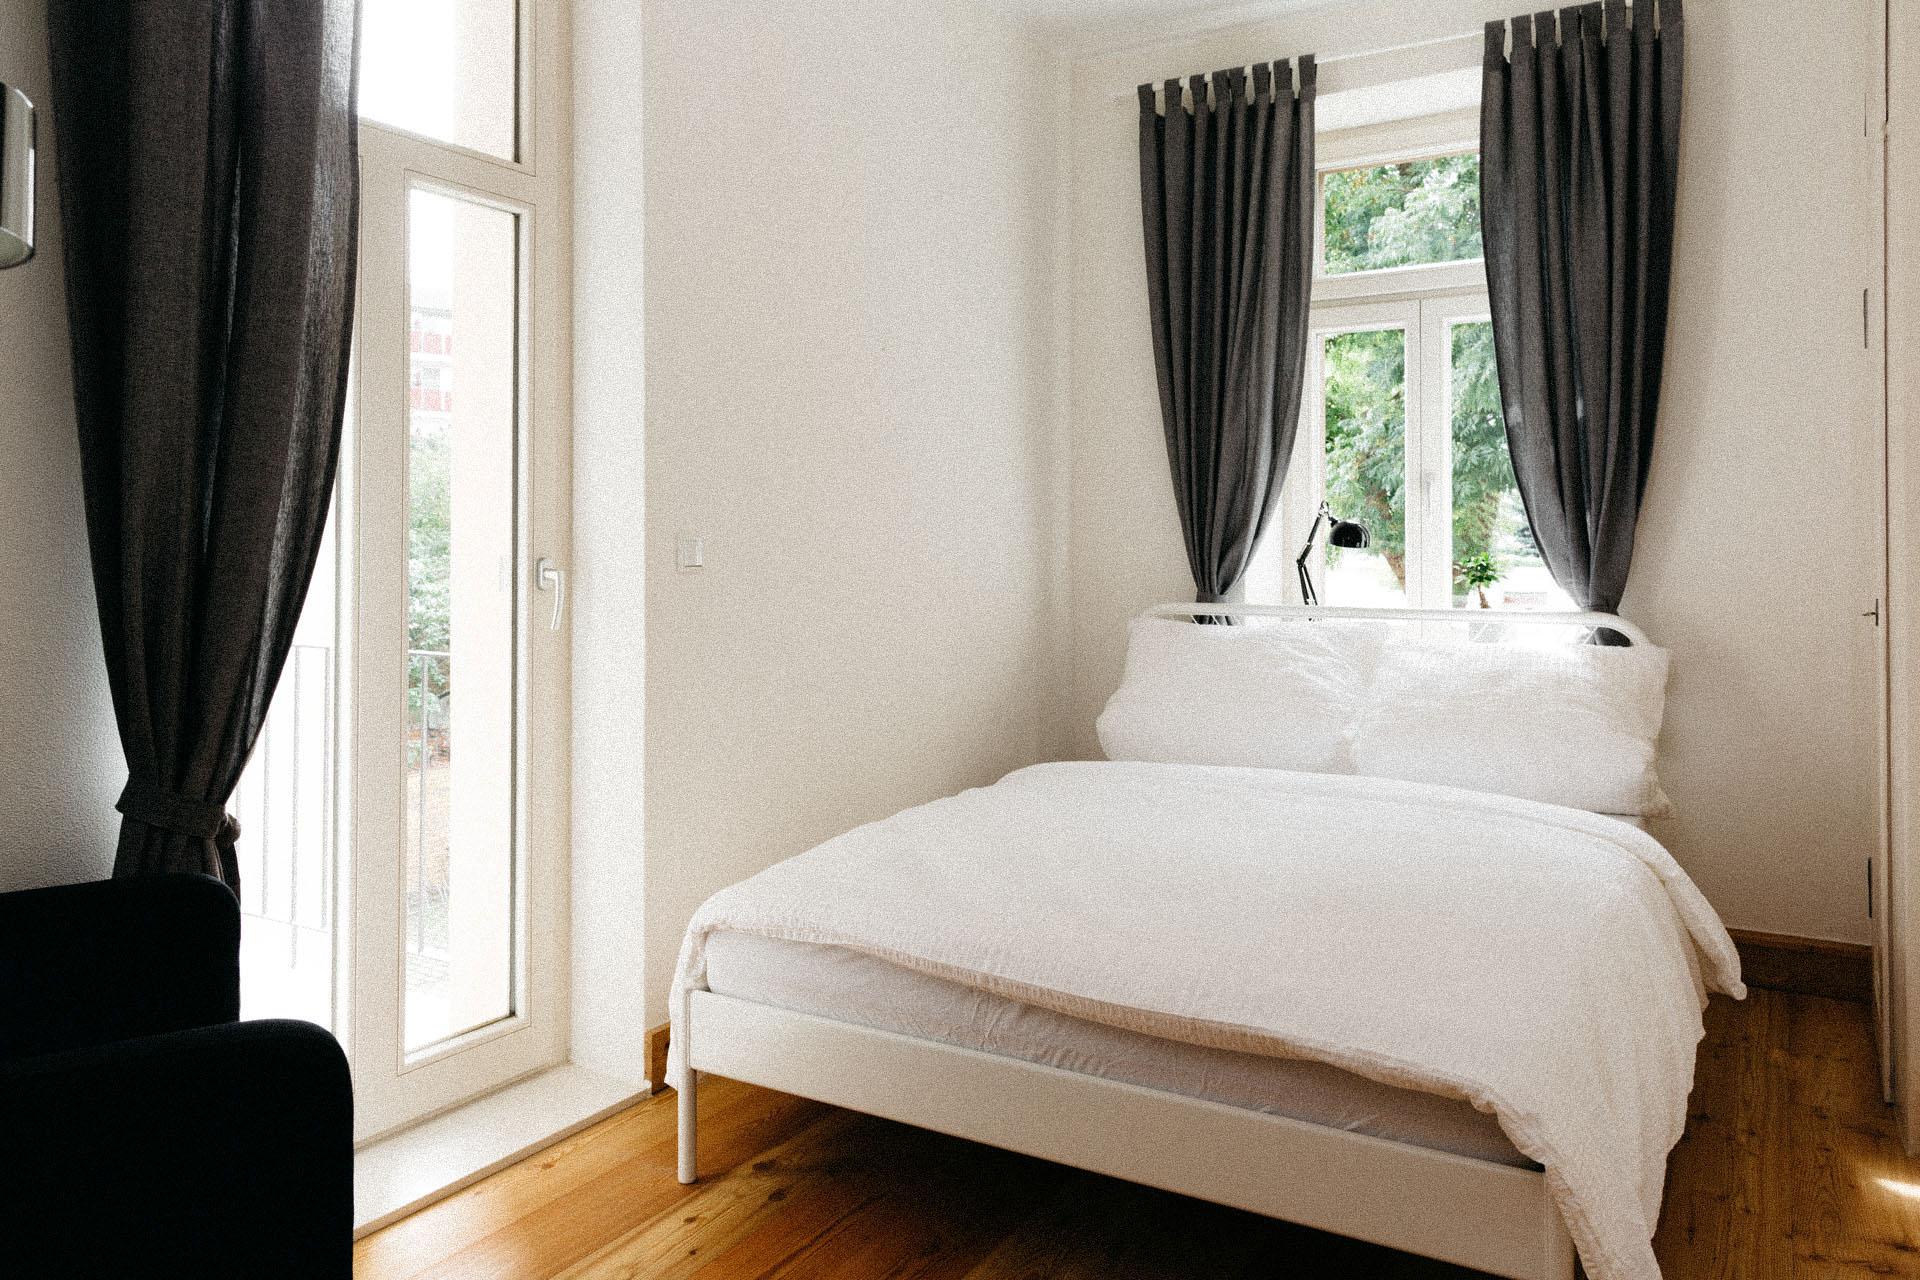 Schönes großes Doppelbett mit dunklen Vorhängen an den Fenstern und einer Tür zur Terrasse links im Bild. Das Zimmer ist sehr hell und freundlich eingerichtet.